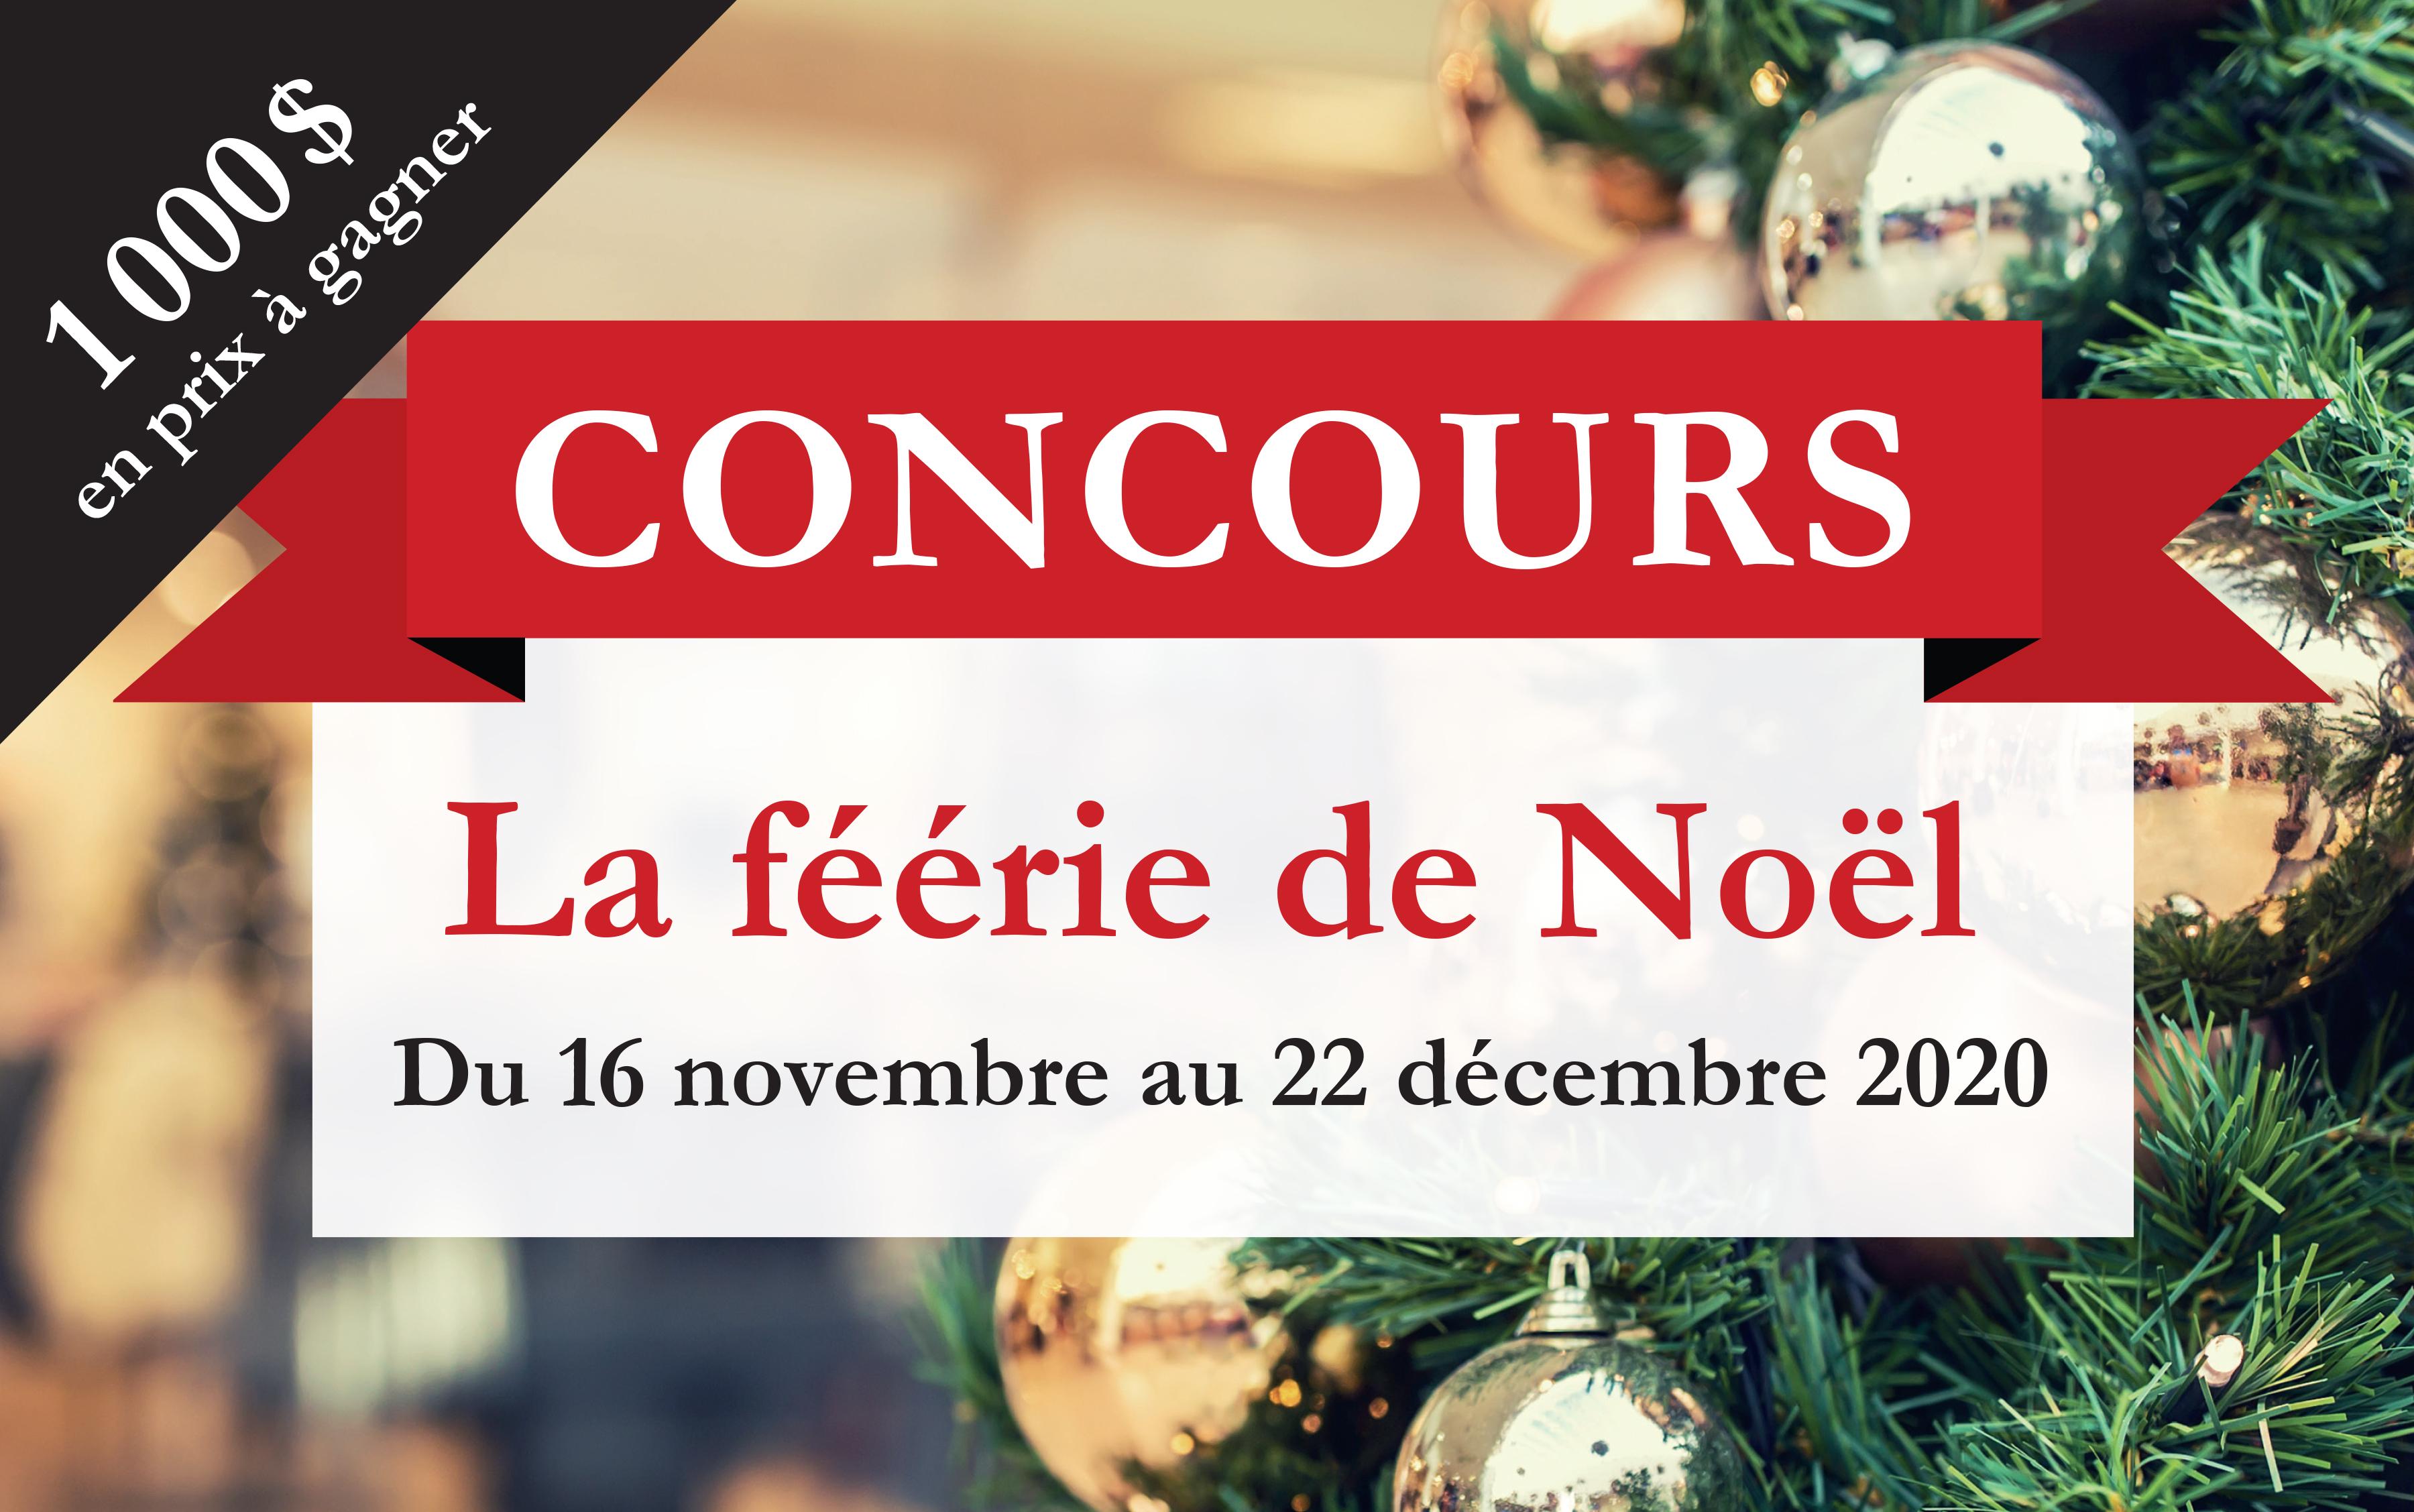 GaleriesdelaBaie_ConcoursFeerieNoel_Web